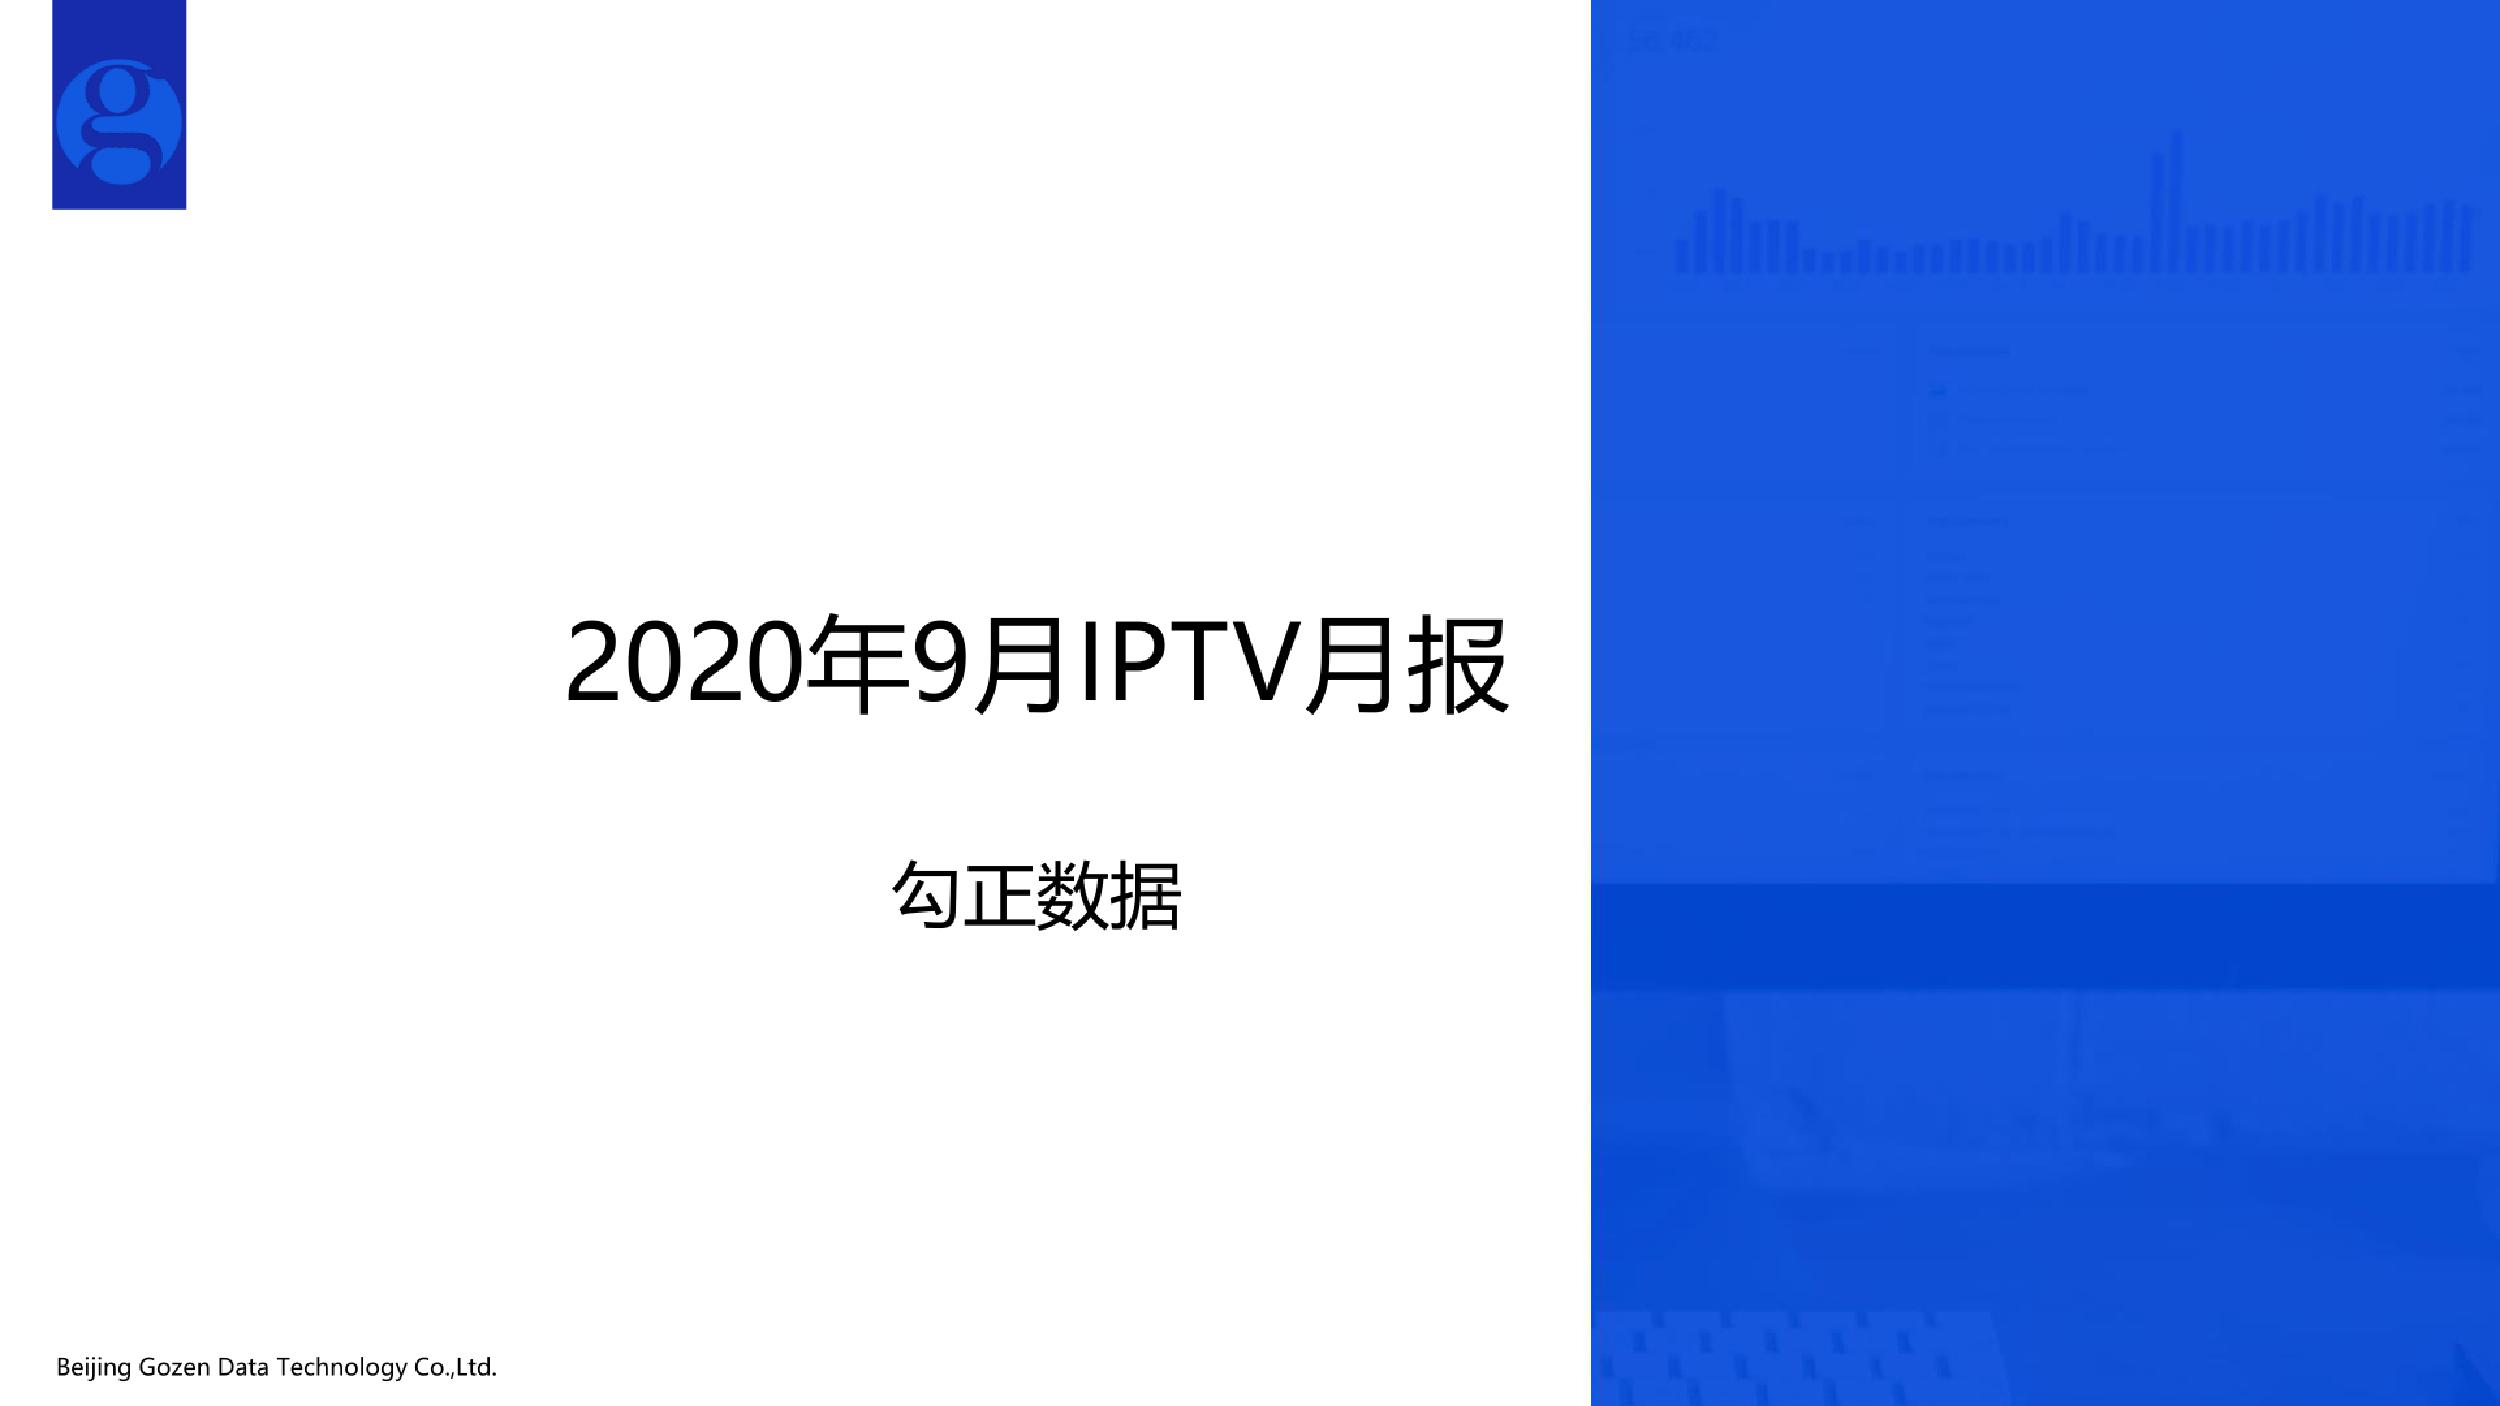 2020年9月IPTV月报